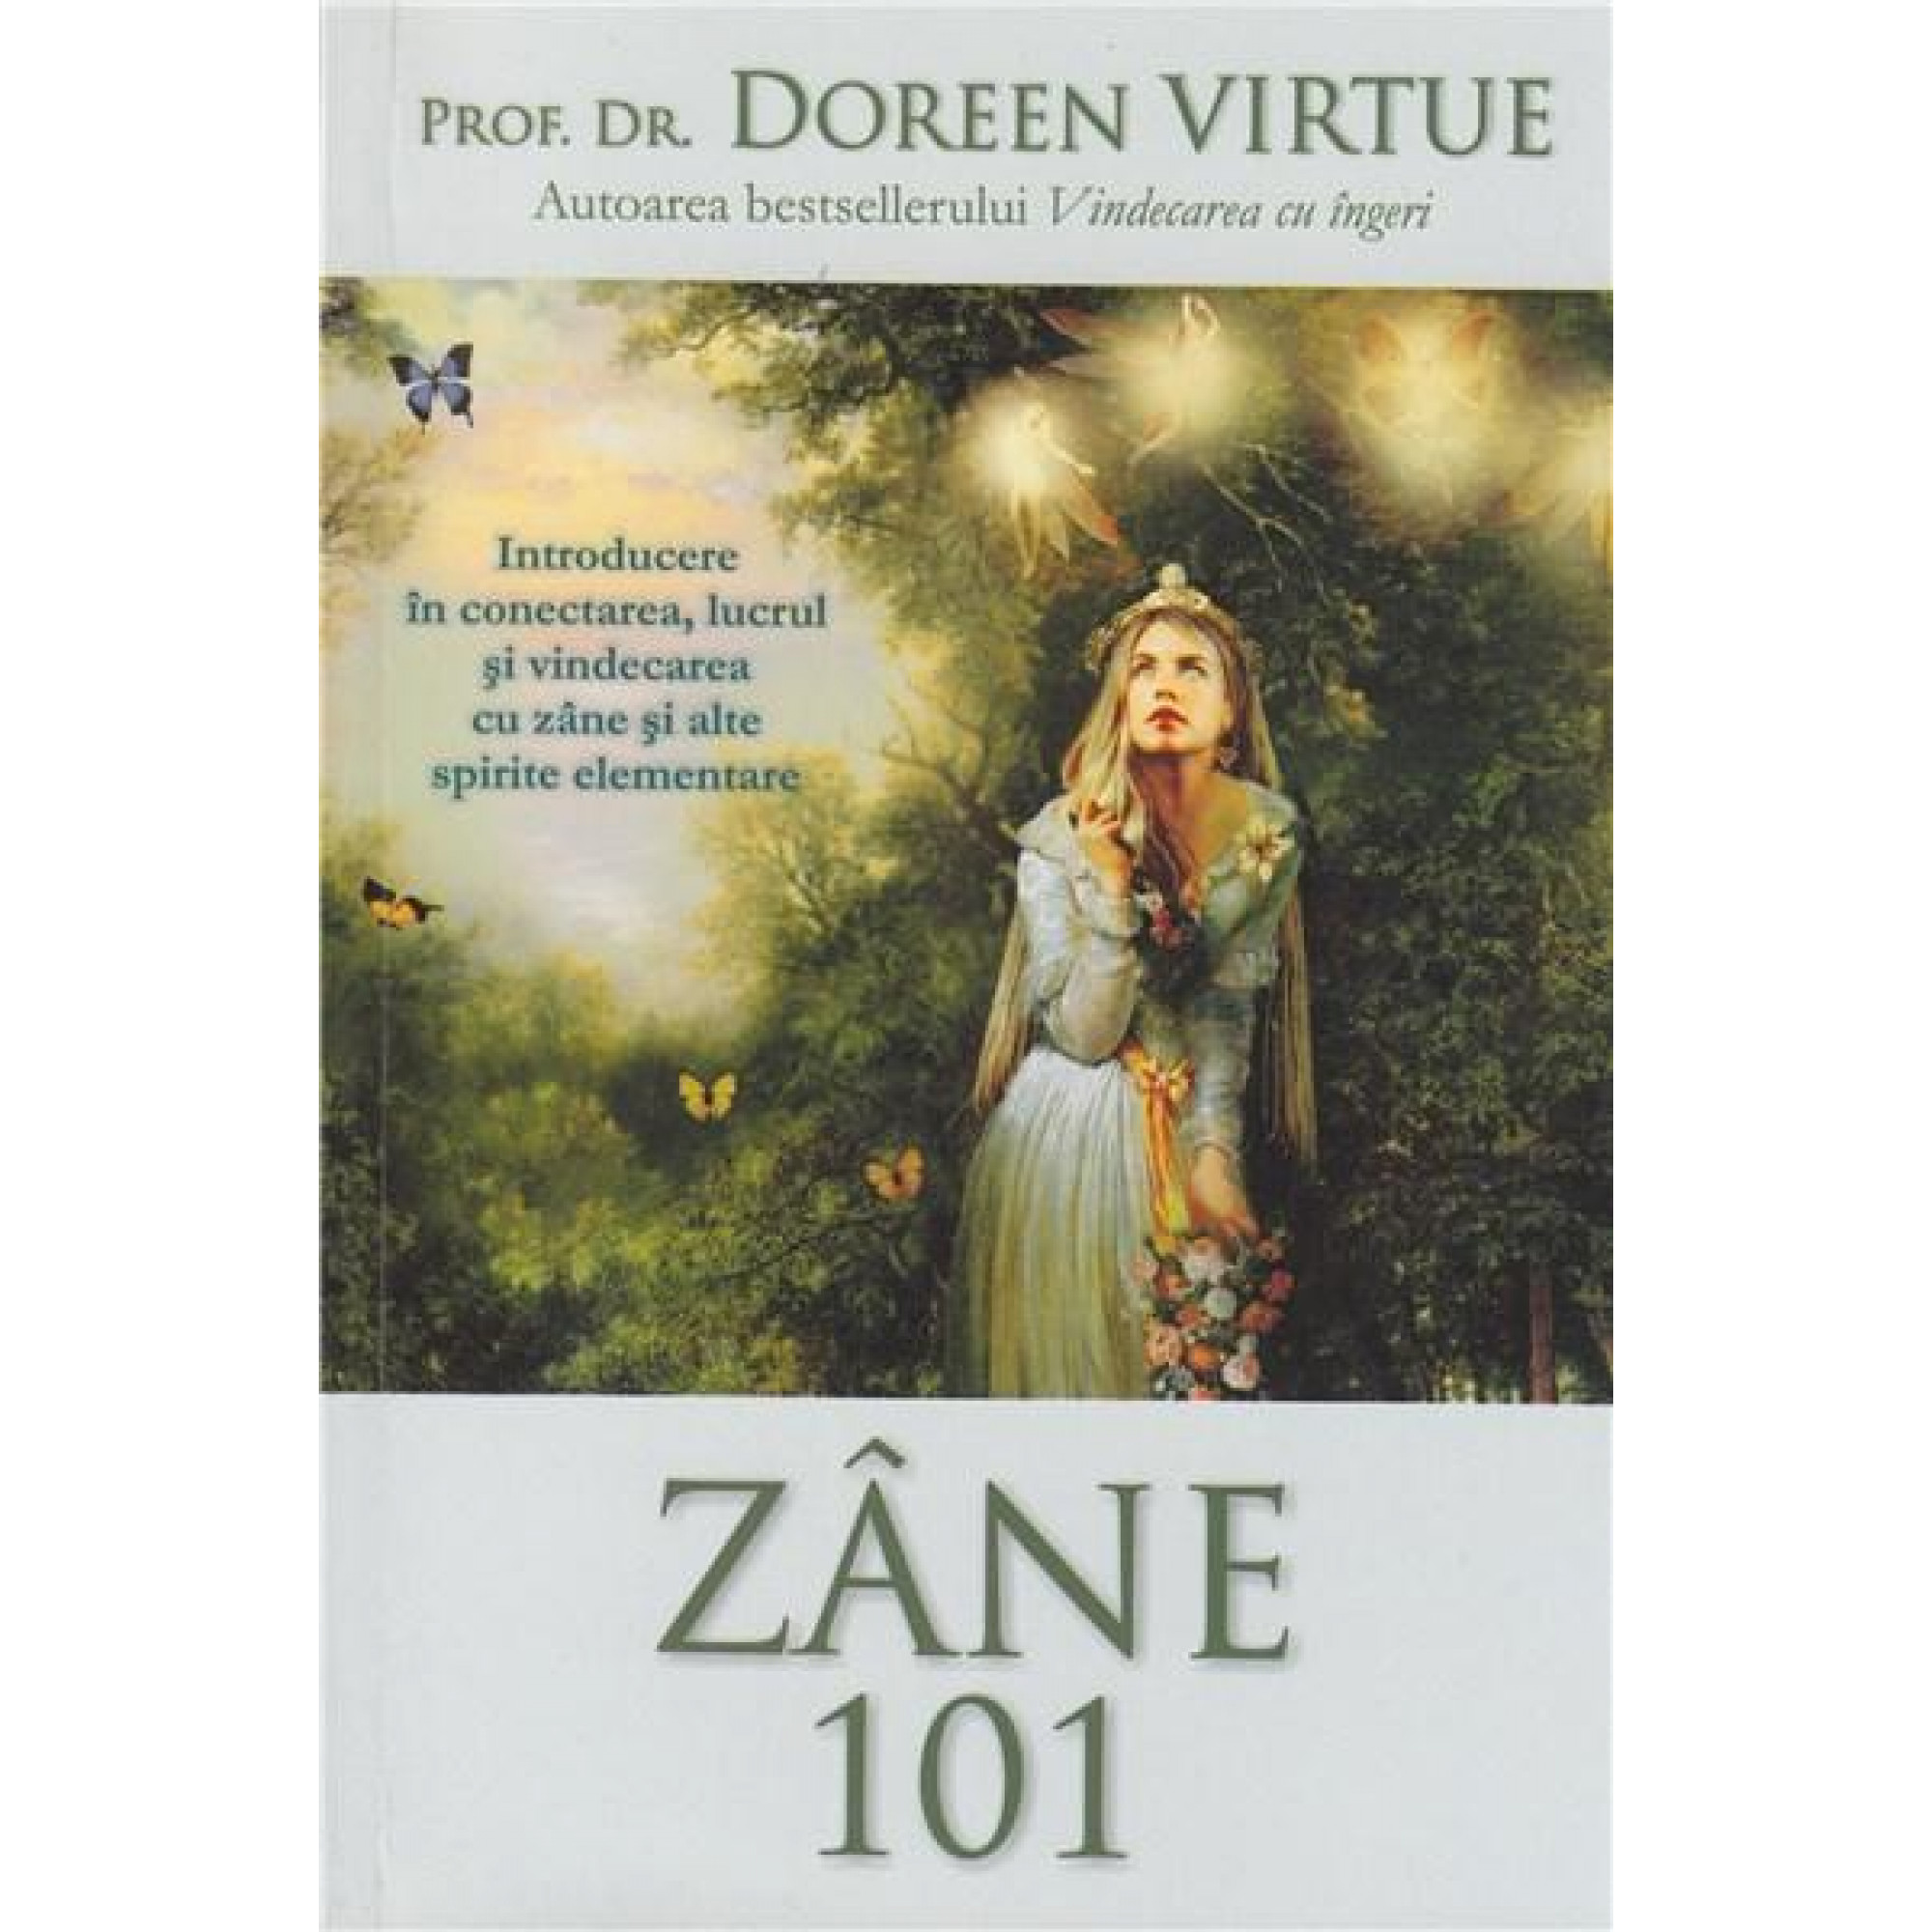 Zâne 101. Introducere în conectarea, lucrul şi vindecarea cu zâne şi alte spirite elementare; Doreen Virtue